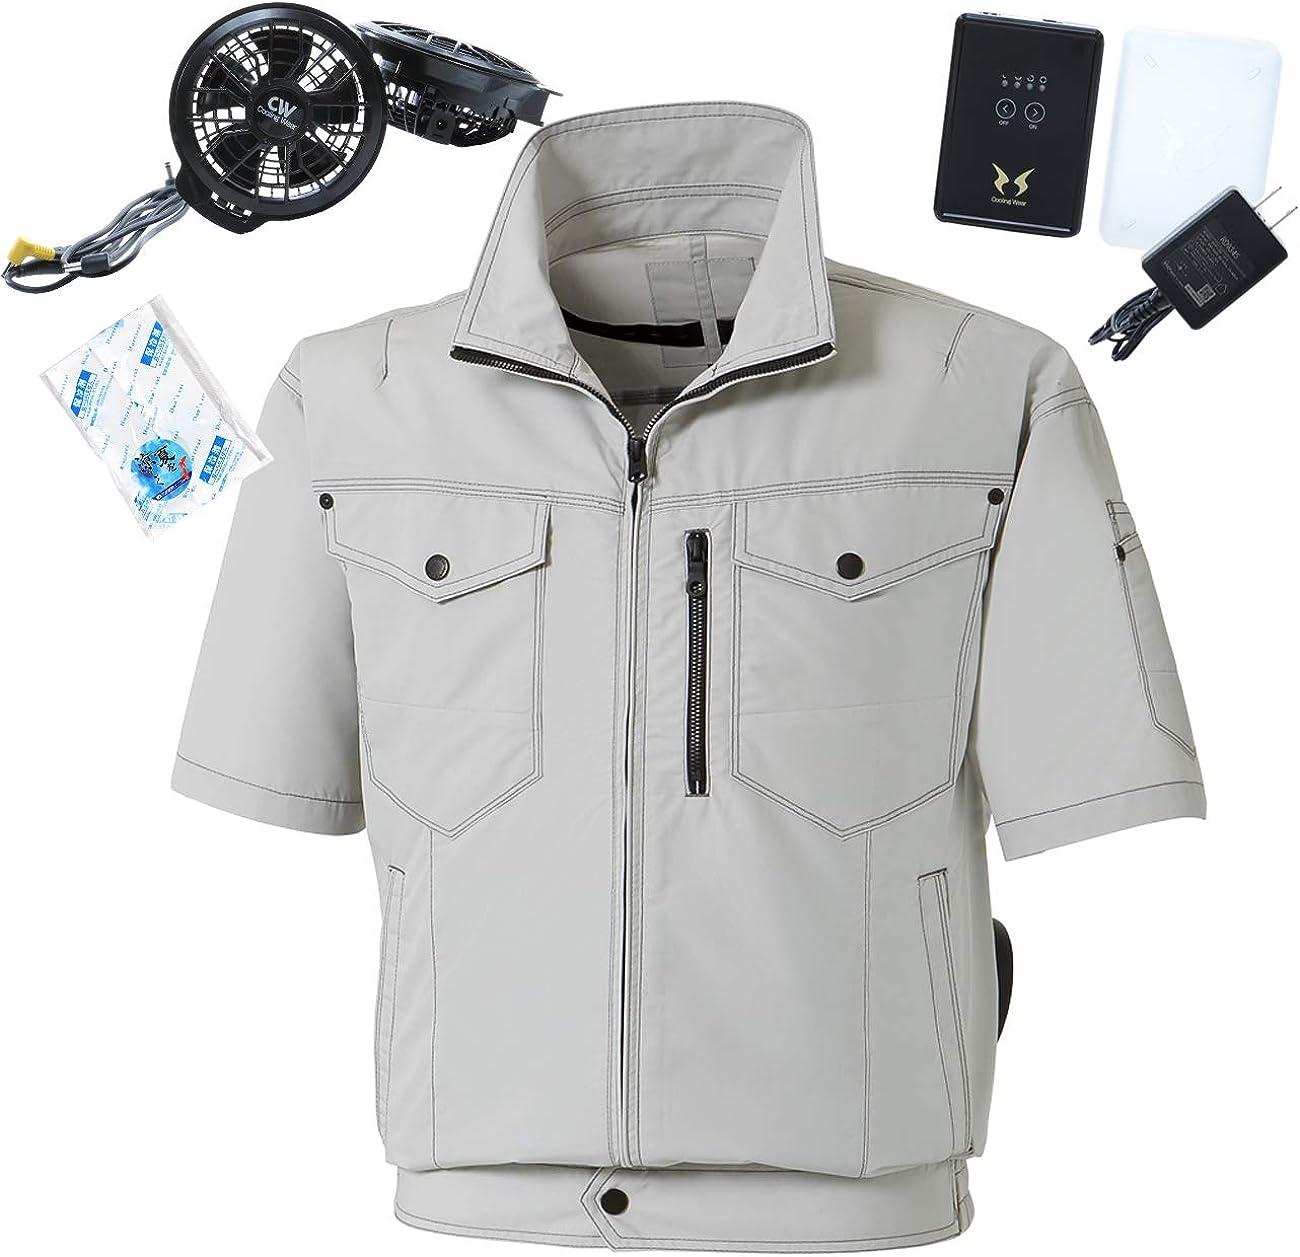 空調服 作業服 空調風神服 サンエス 半袖ブルゾン